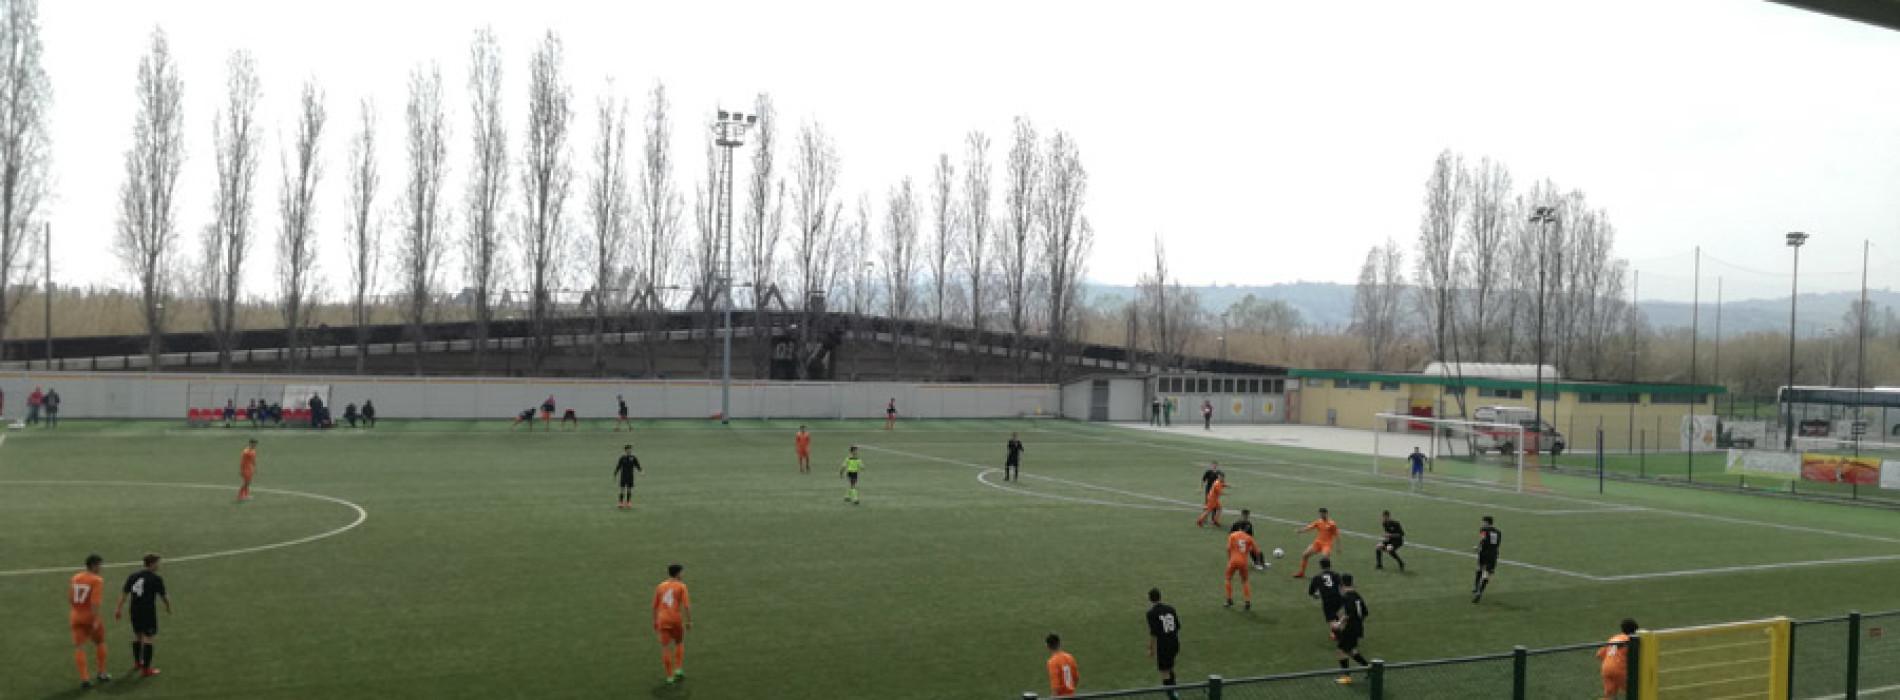 Tdr C11, Allievi: nessuno scampo contro la Lombardia. 4-1 il finale.